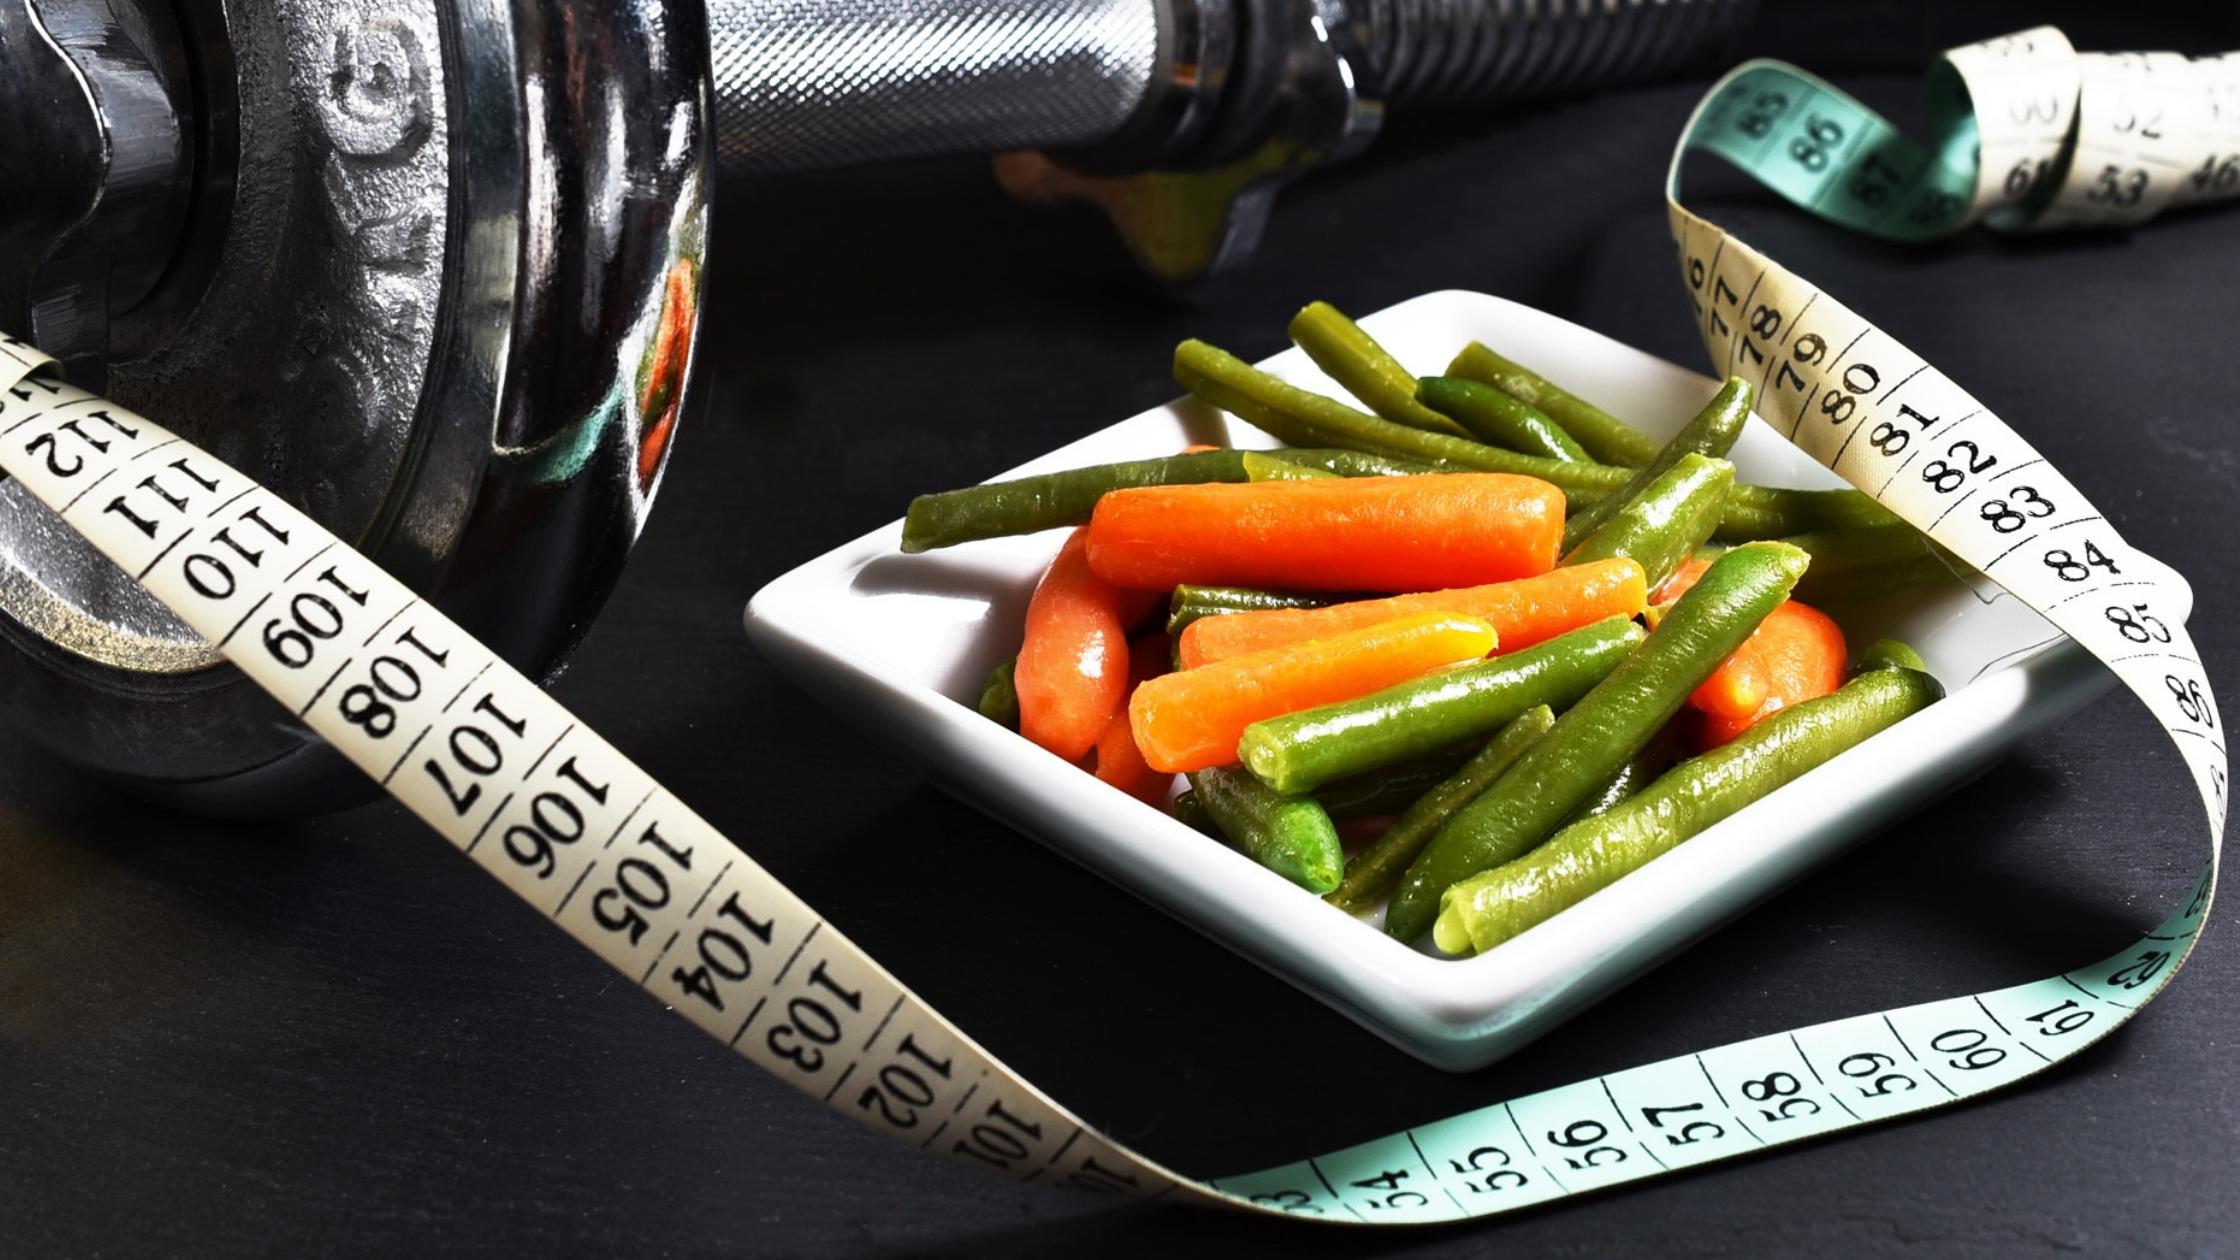 Massband, Teller Gemüse, Handel - alles zum Abnehmen